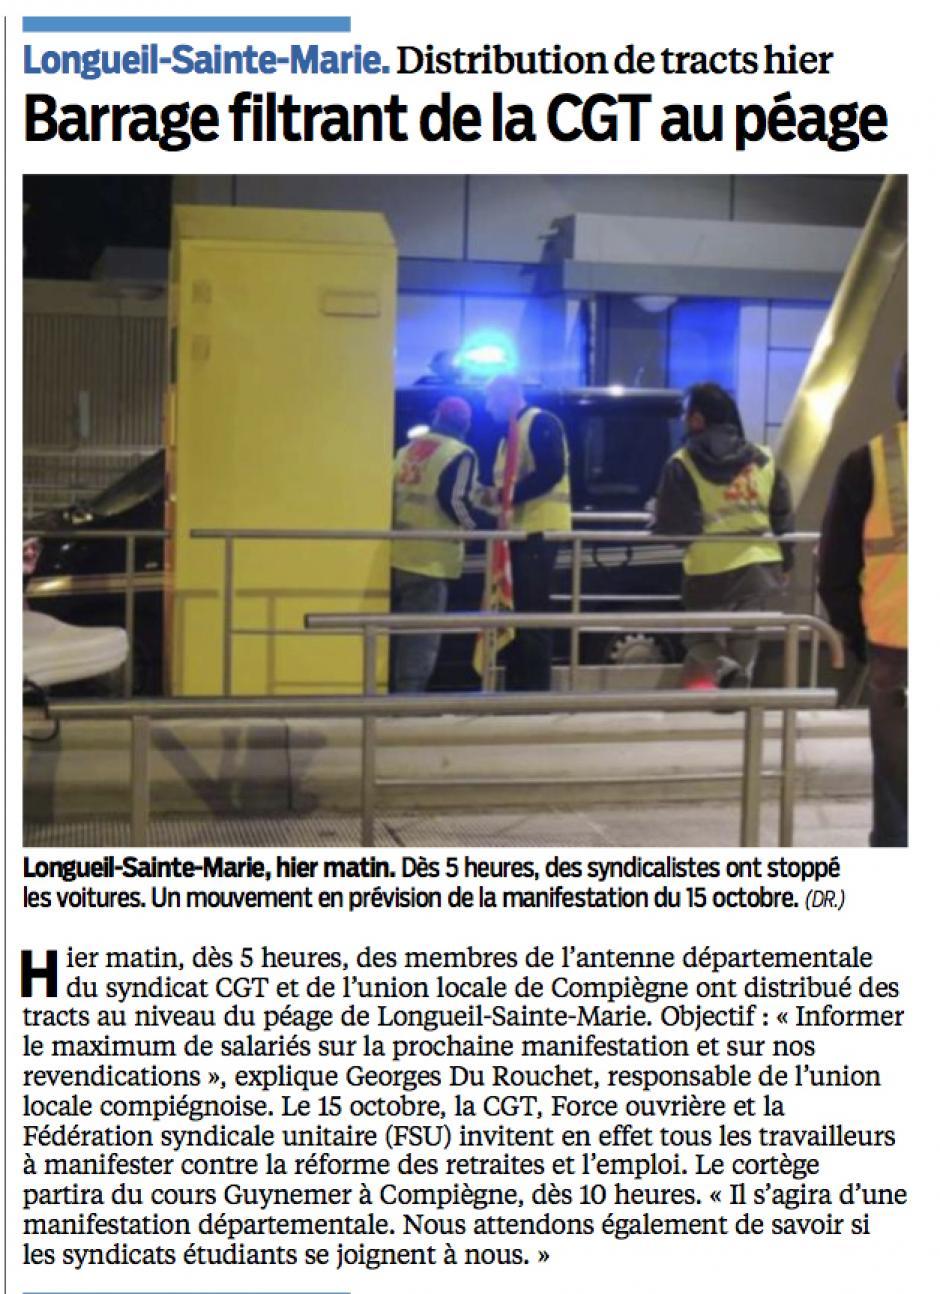 20131003-LeP-Longueil-Sainte-Marie-Barrage filtrant de la CGT au péage